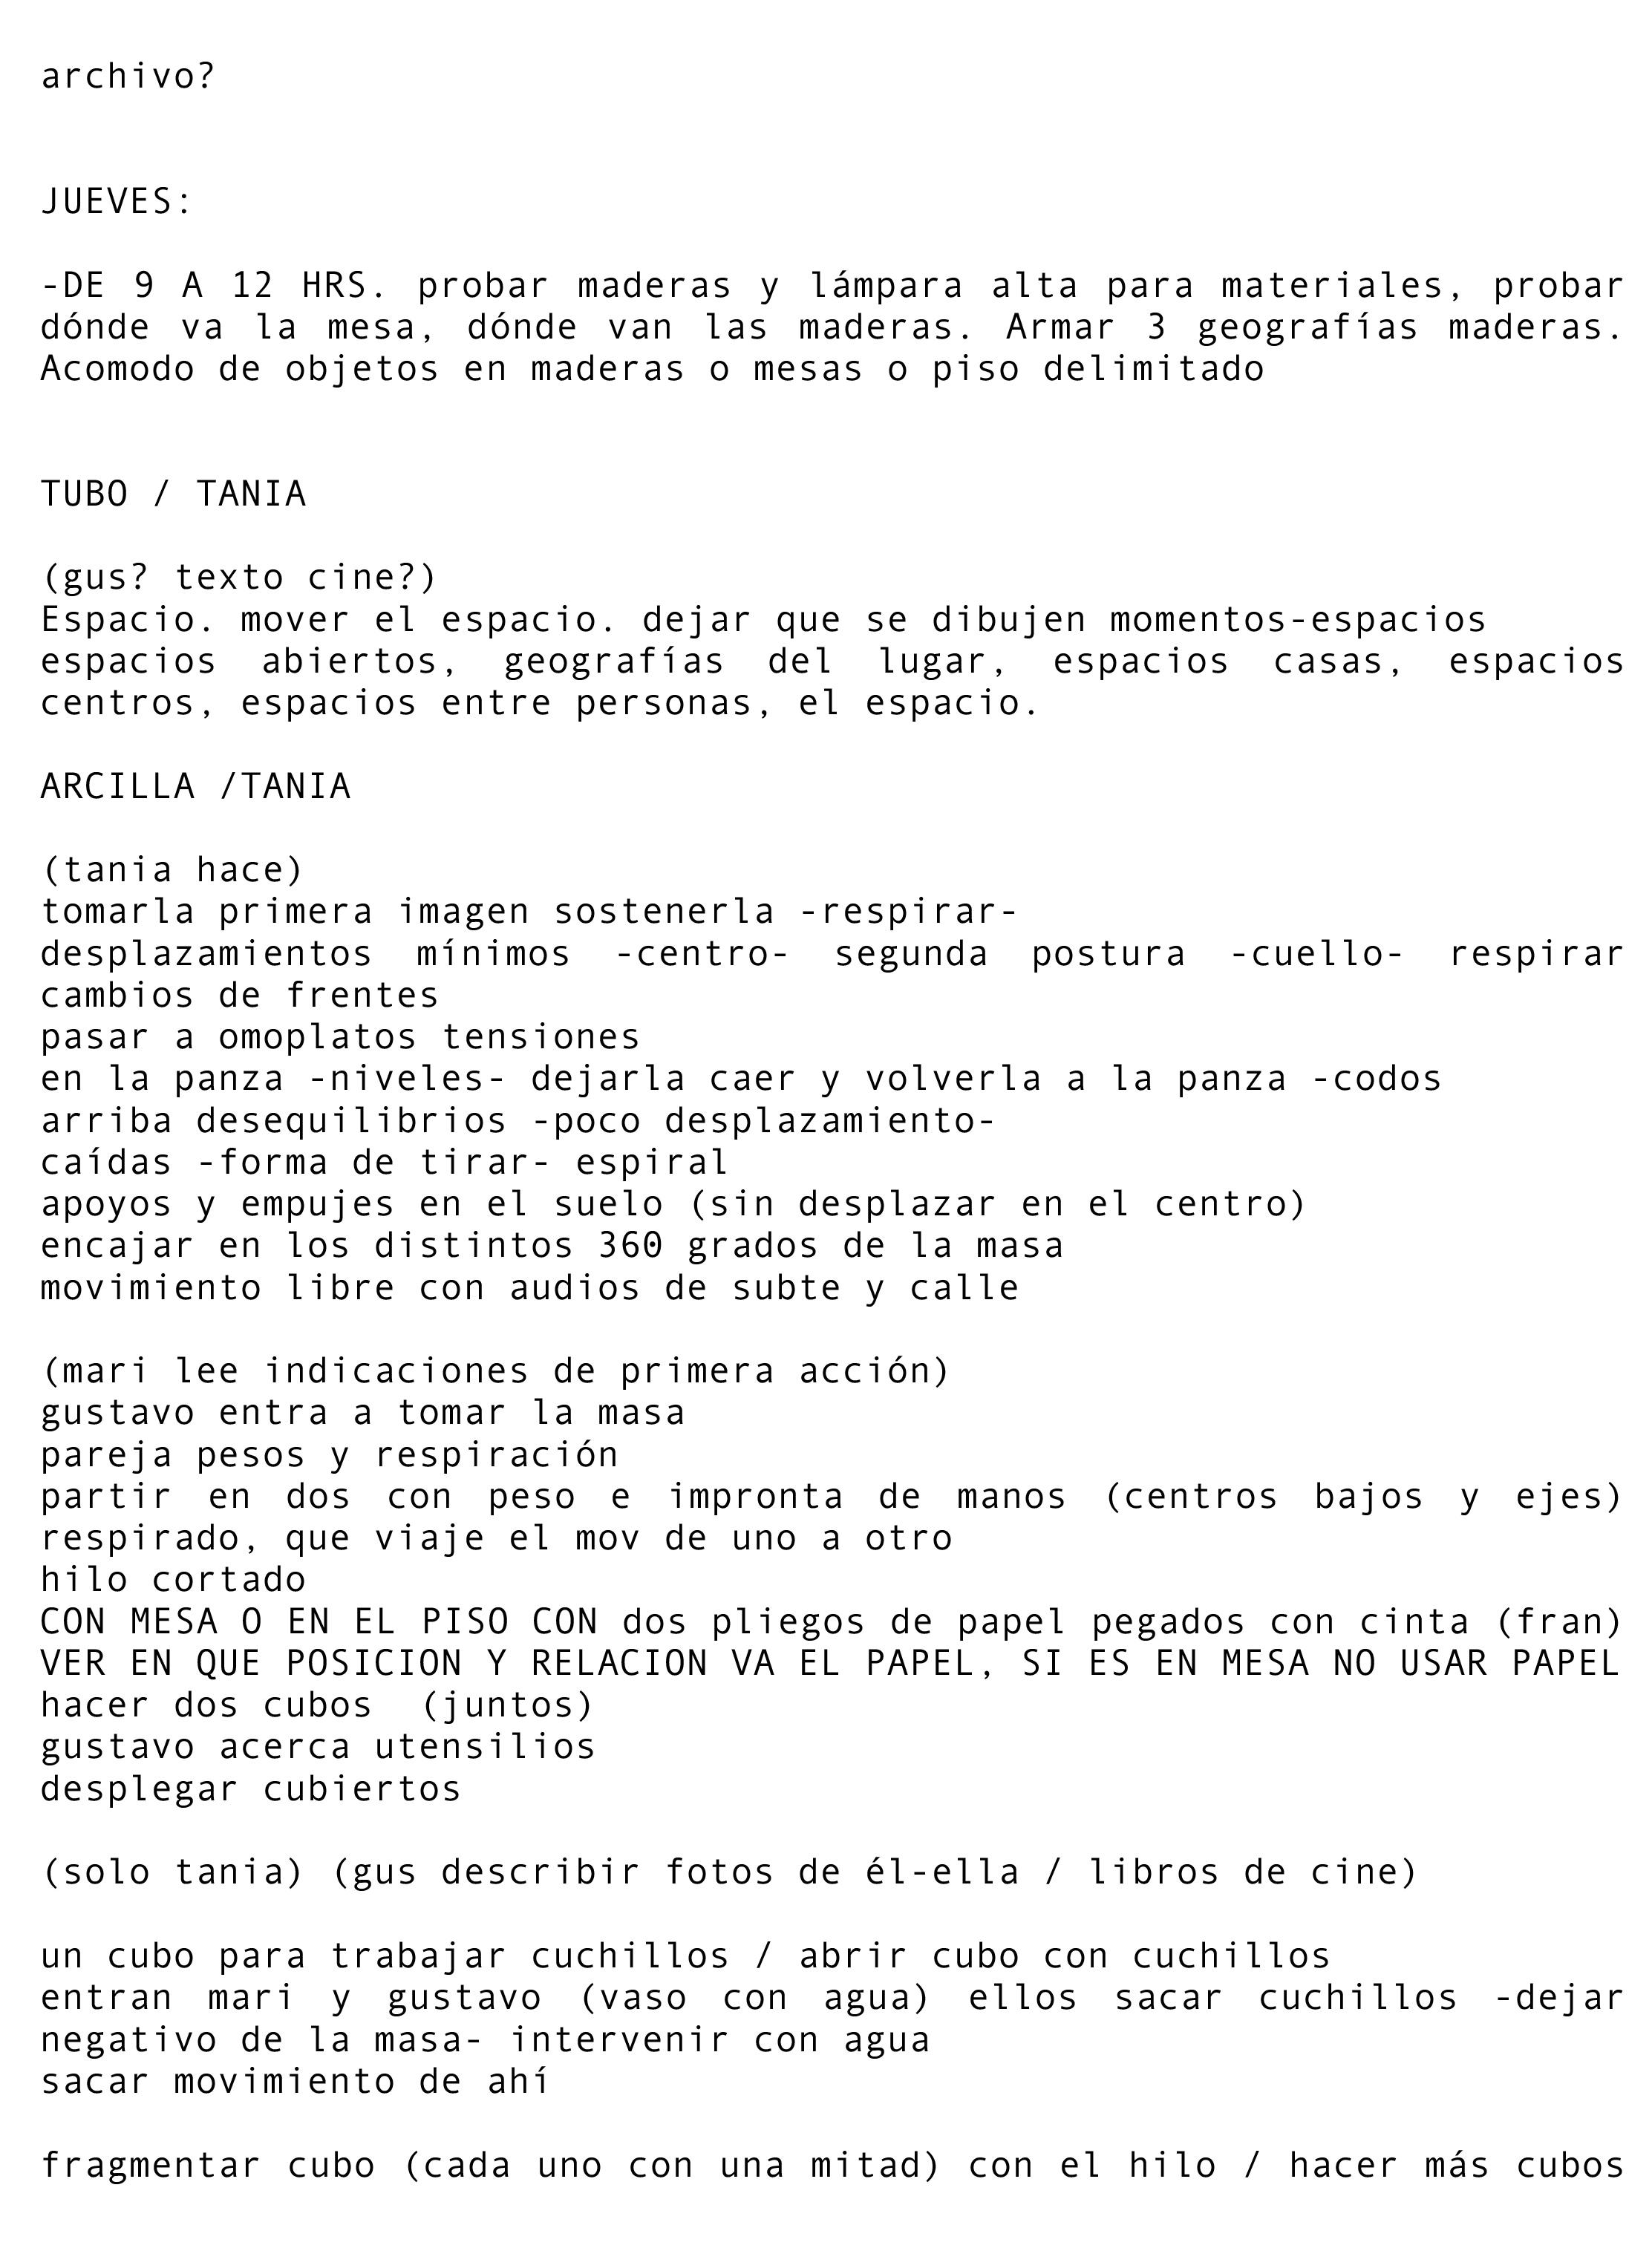 DIARIO_ARGENTINA-19.jpg